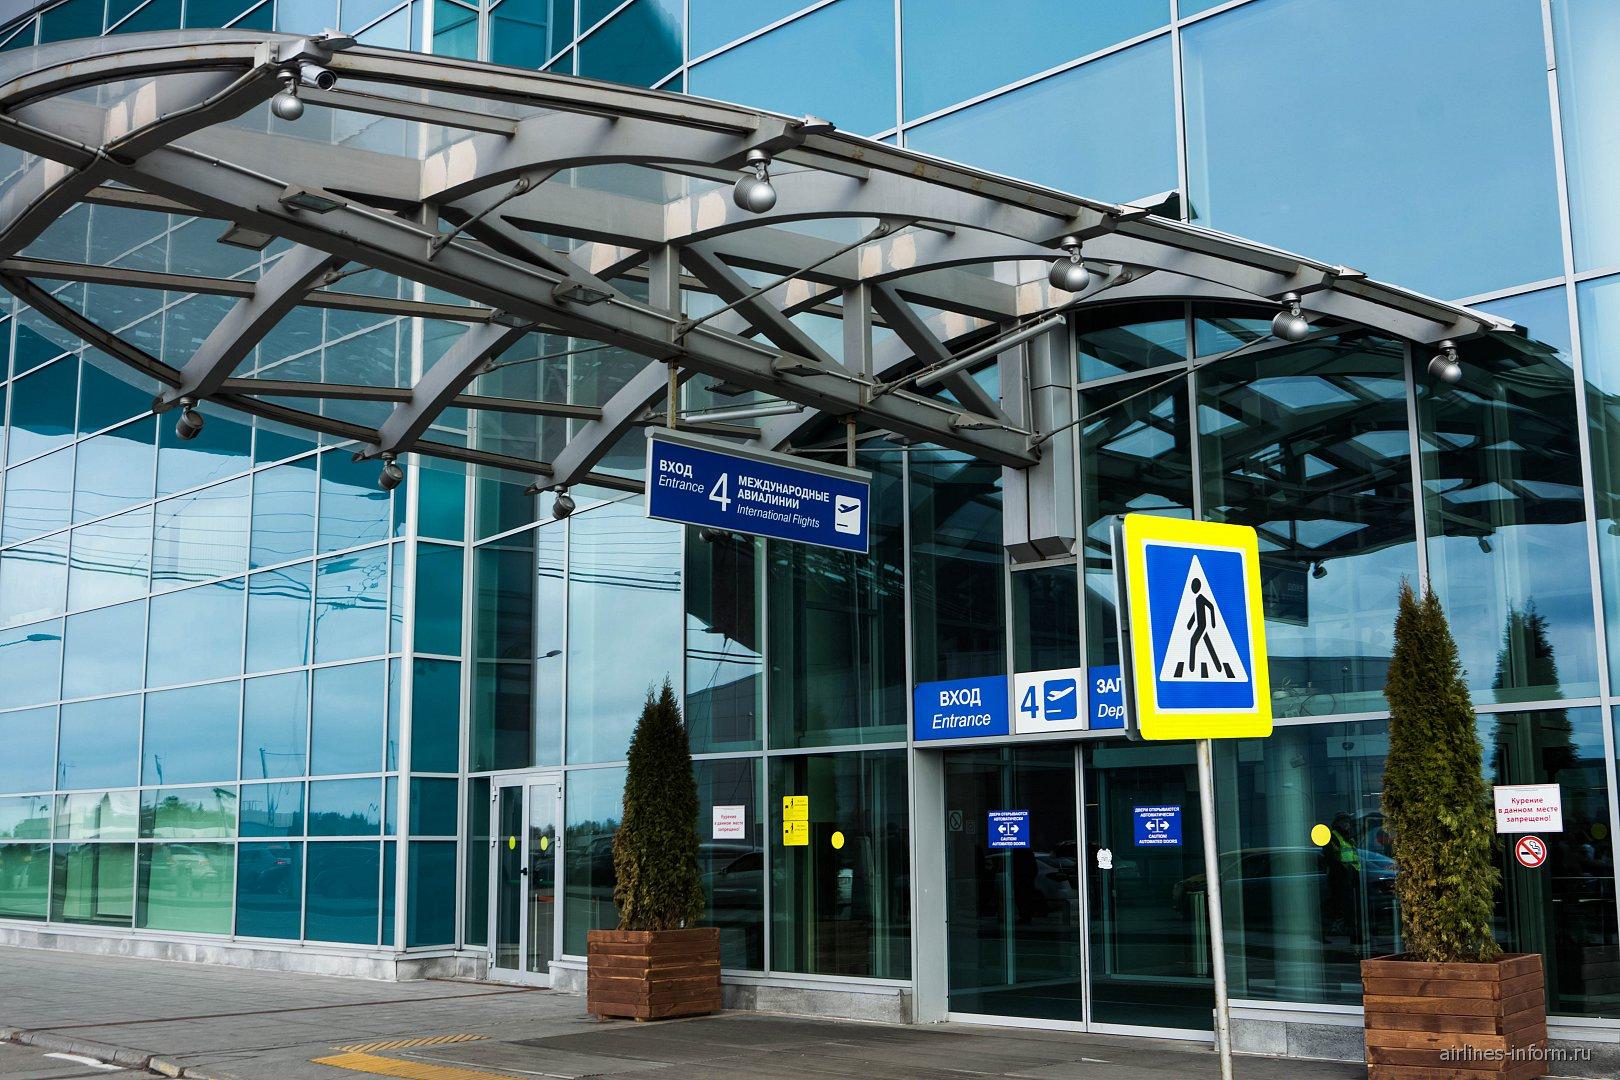 Вход в терминал D аэропорта Москва Шереметьево